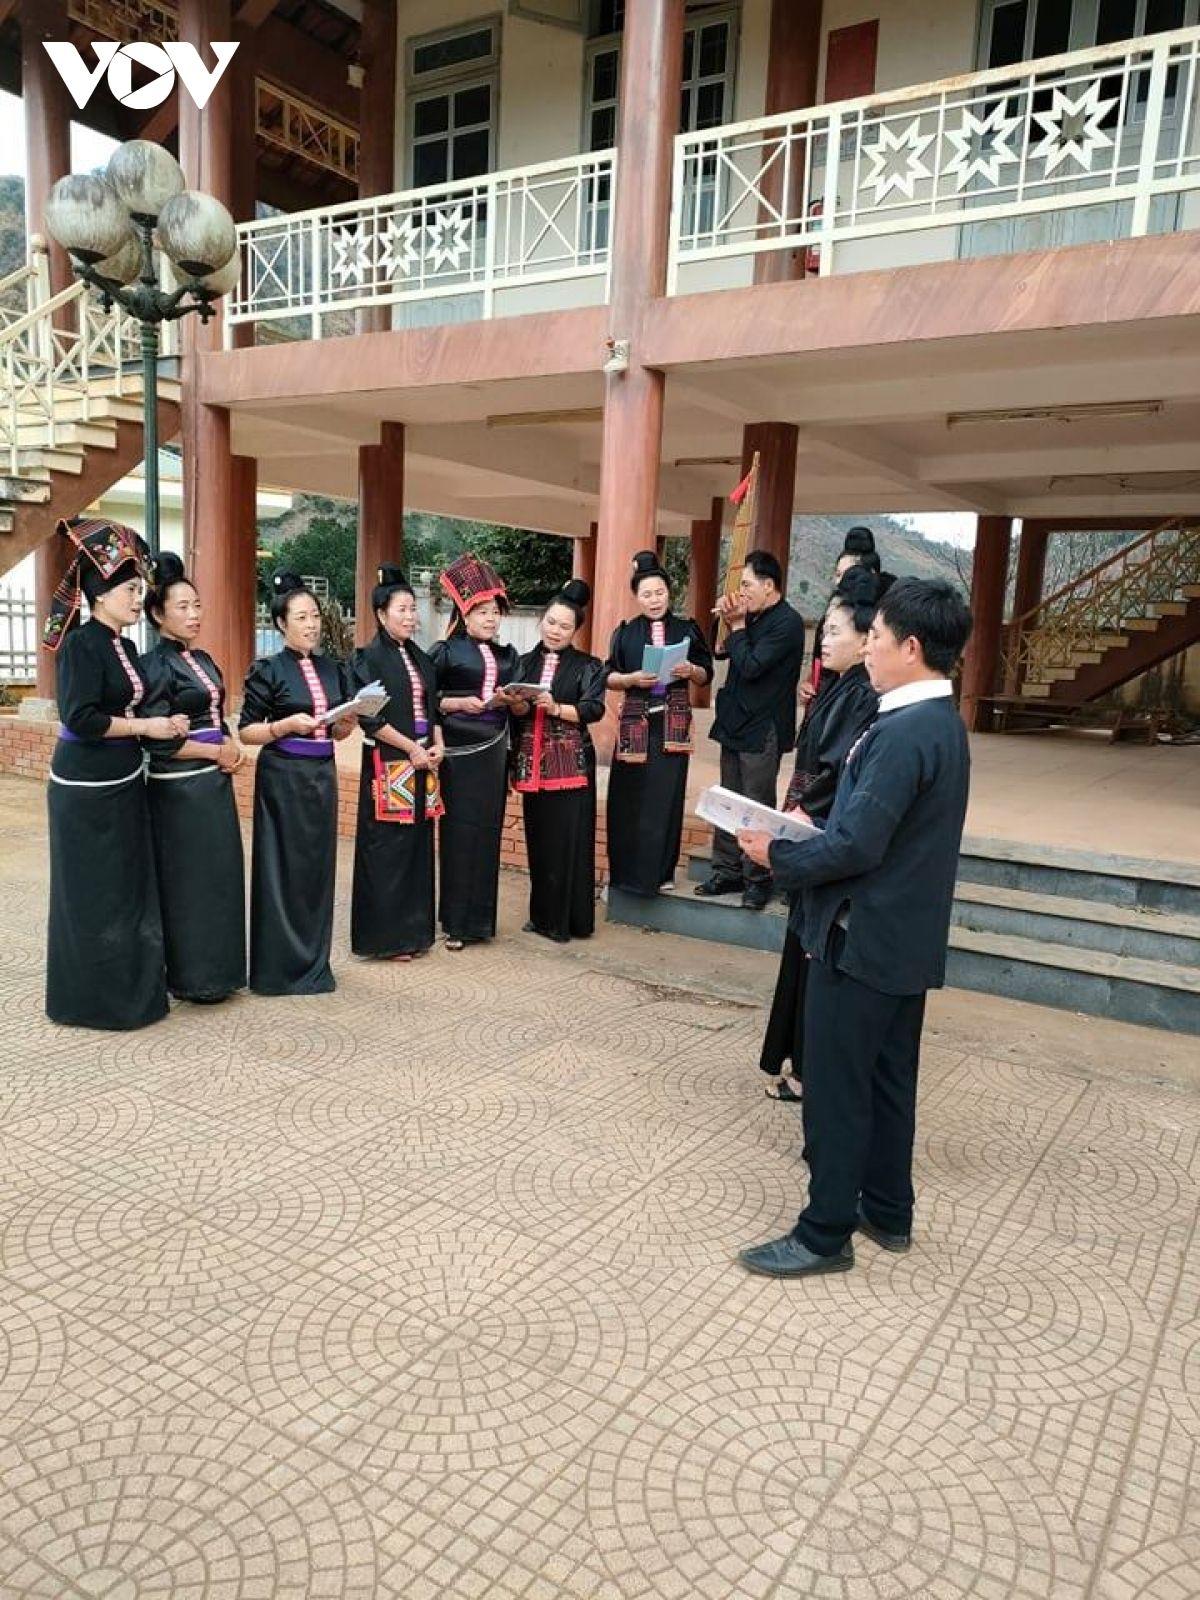 Sơn La: Bà con bản Hìn nỗ lực bảo tồn giá trị văn hoá dân tộc